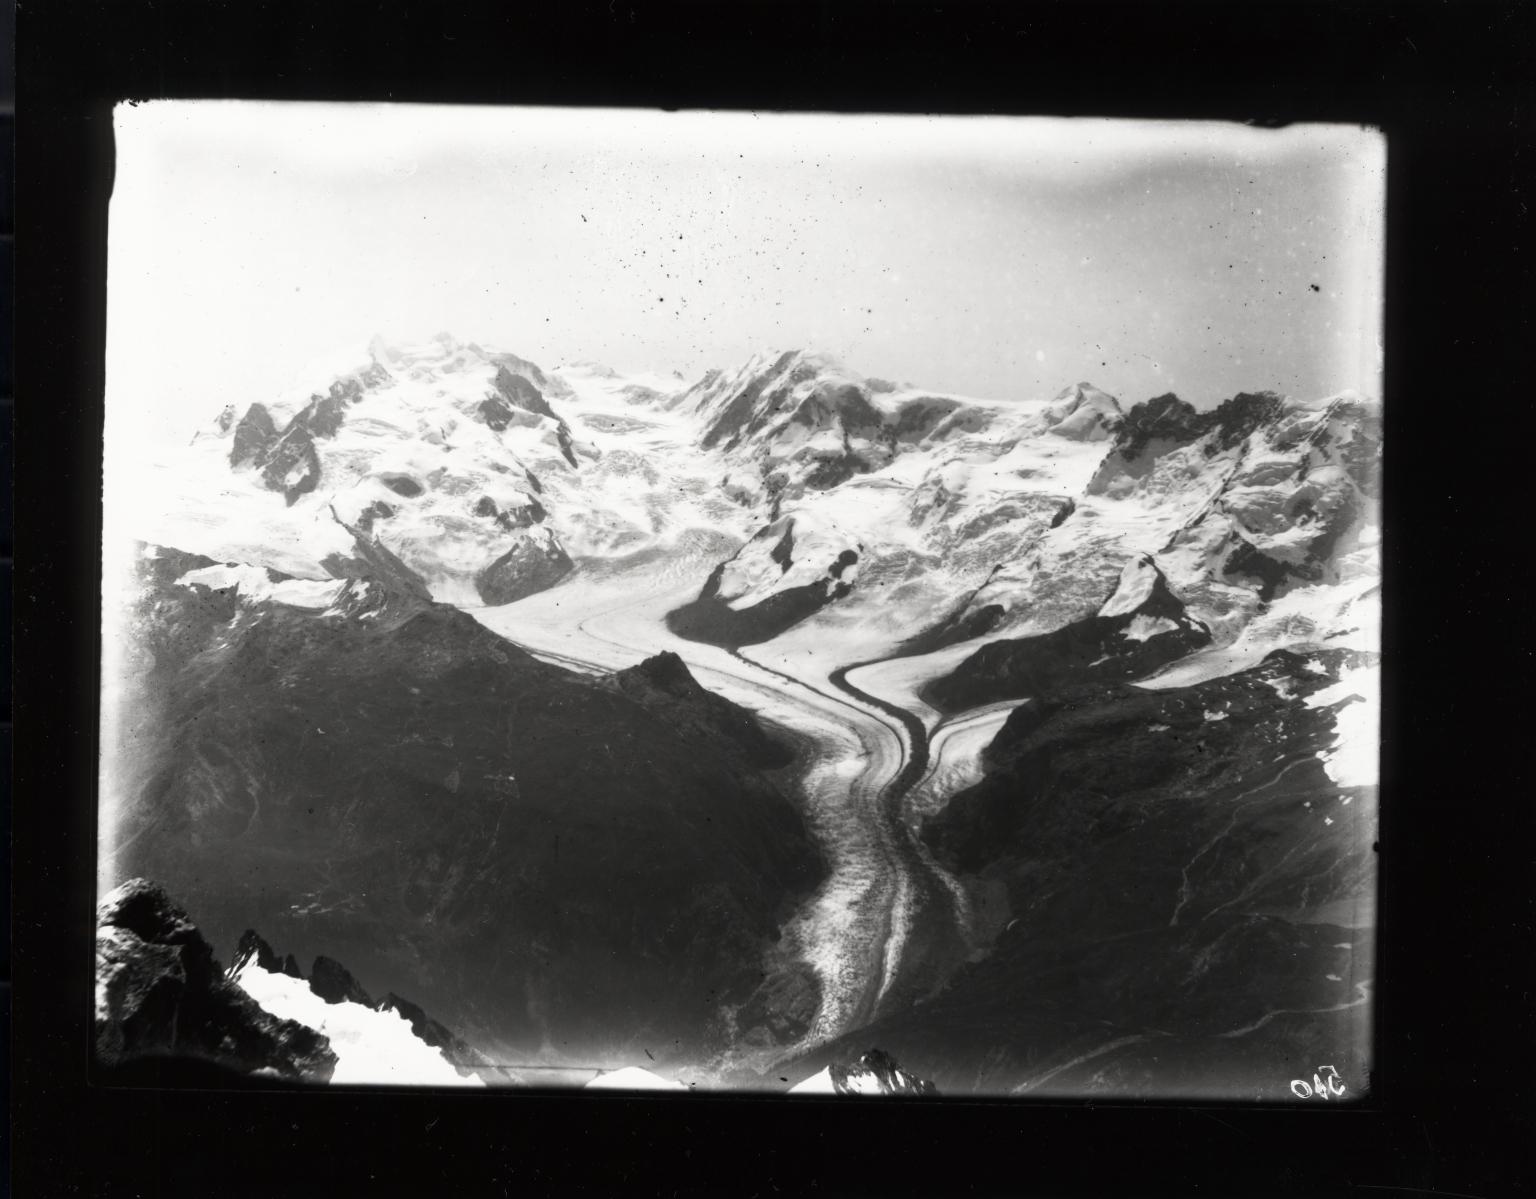 Gorner Glacier, Valais, Switzerland